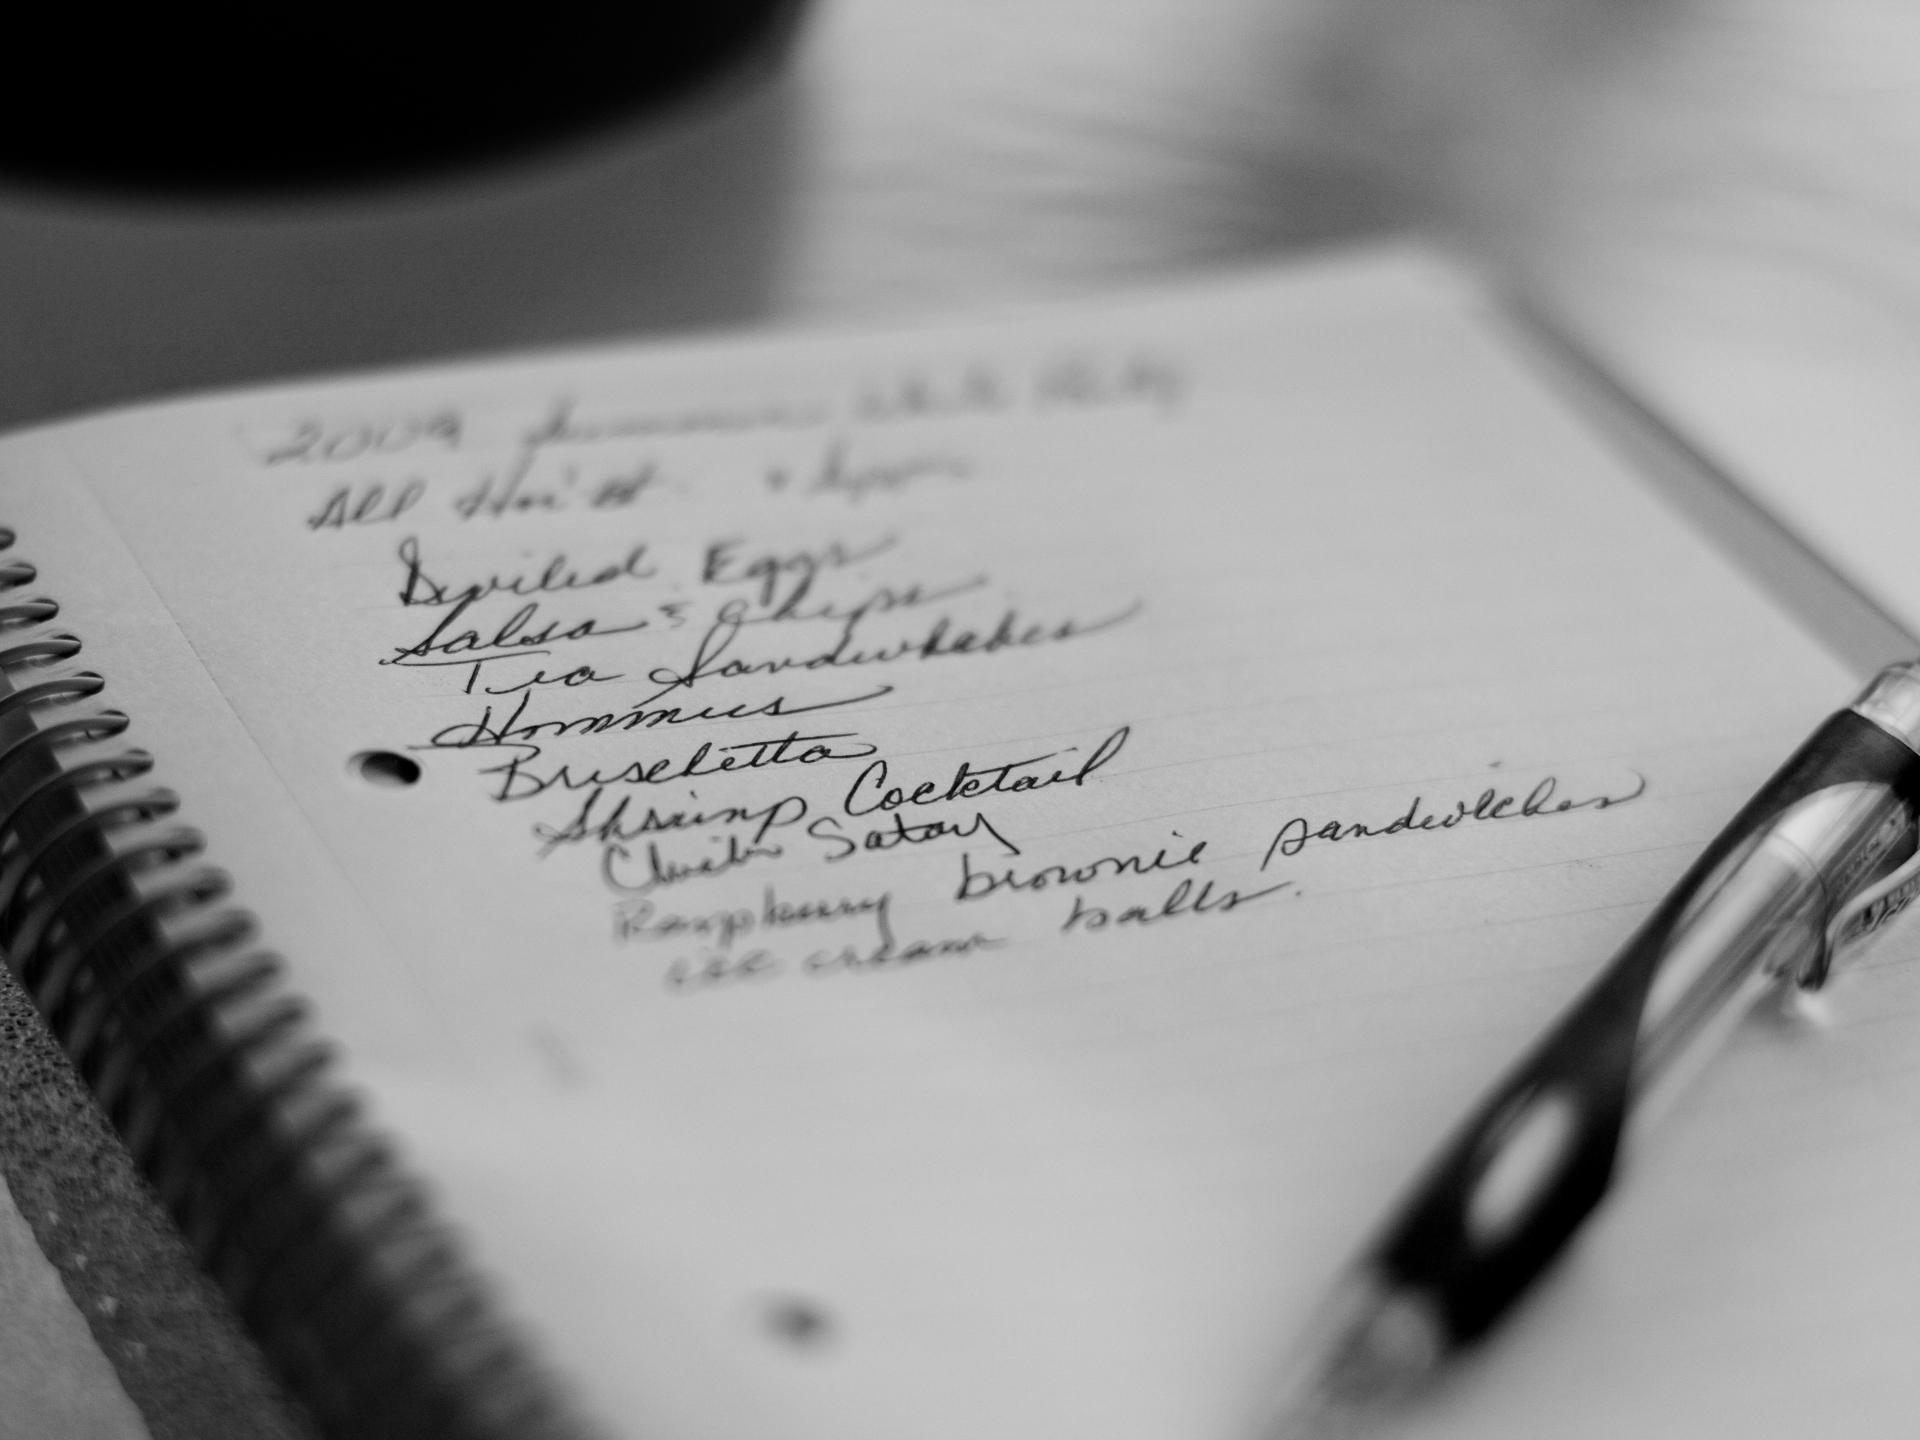 Vor dem Einkaufen oder sogar am Beginn der Woche eine Liste zu schreiben was man braucht, kann auch eine gute Routine sein, die dazu führt, dass Notfall-Einkäufe reduziert werden. - Photocredit: pixabay.com/GamerChef6